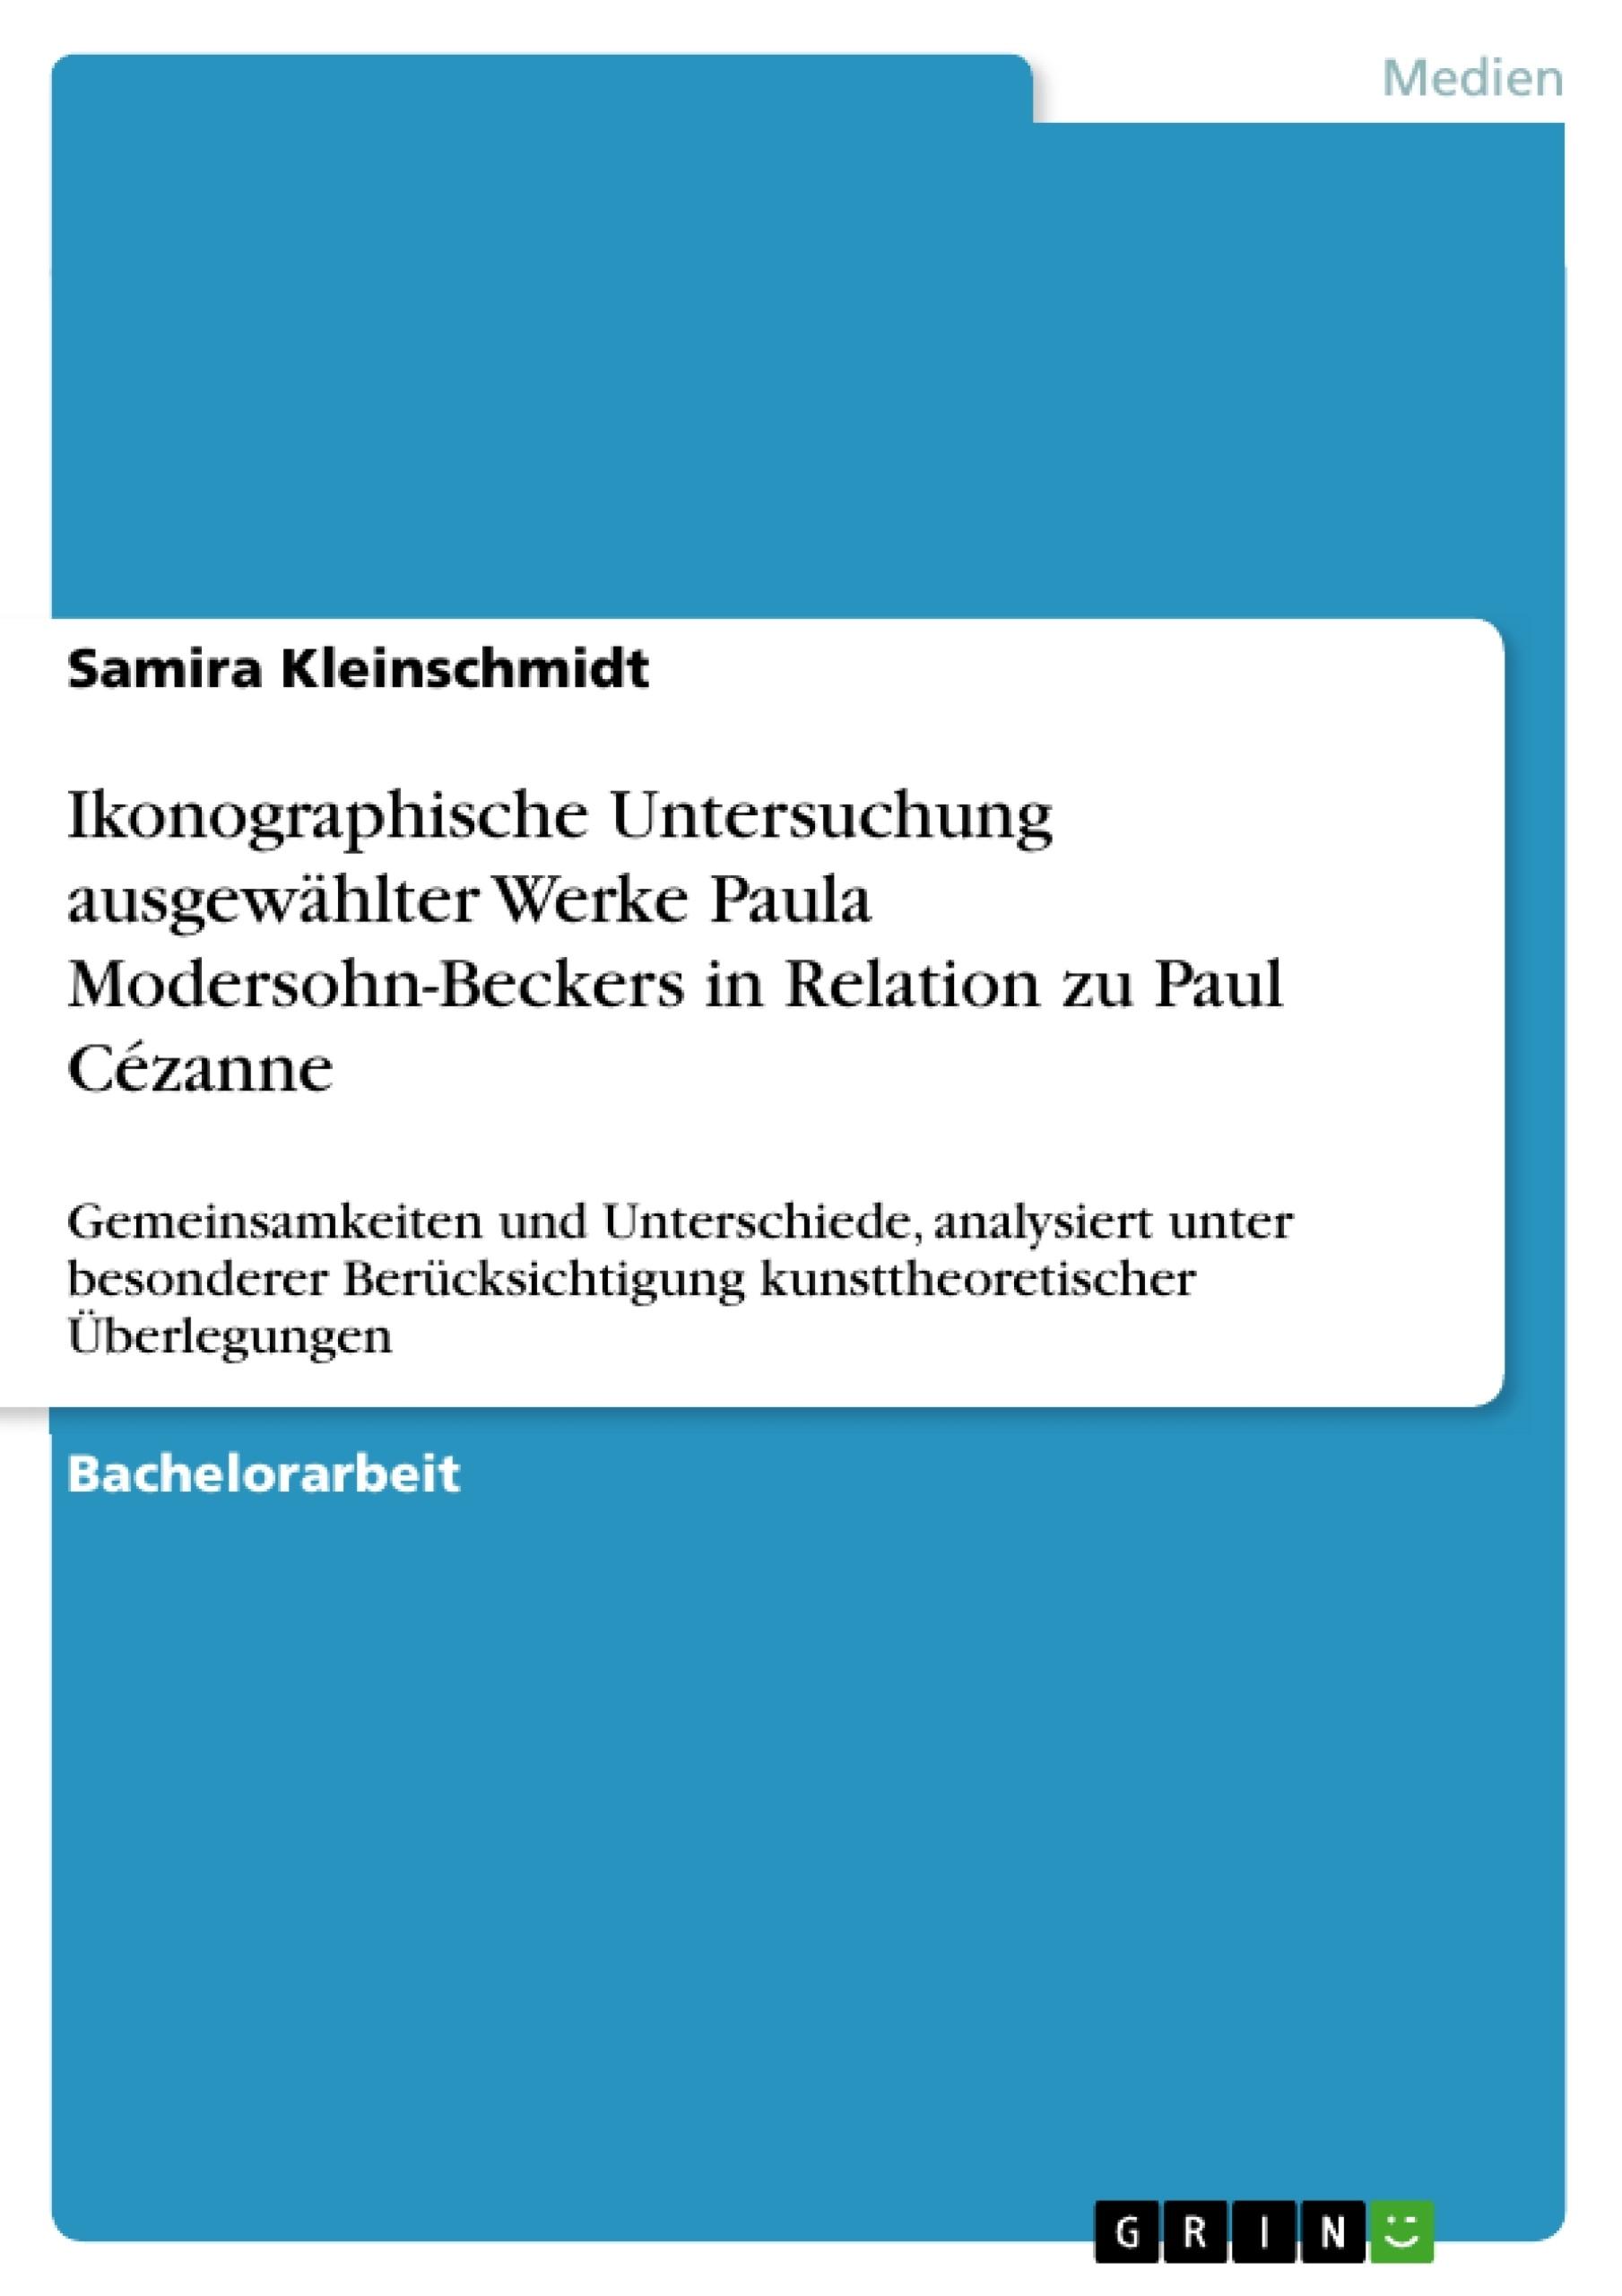 Titel: Ikonographische Untersuchung ausgewählter Werke Paula Modersohn-Beckers in Relation zu Paul Cézanne